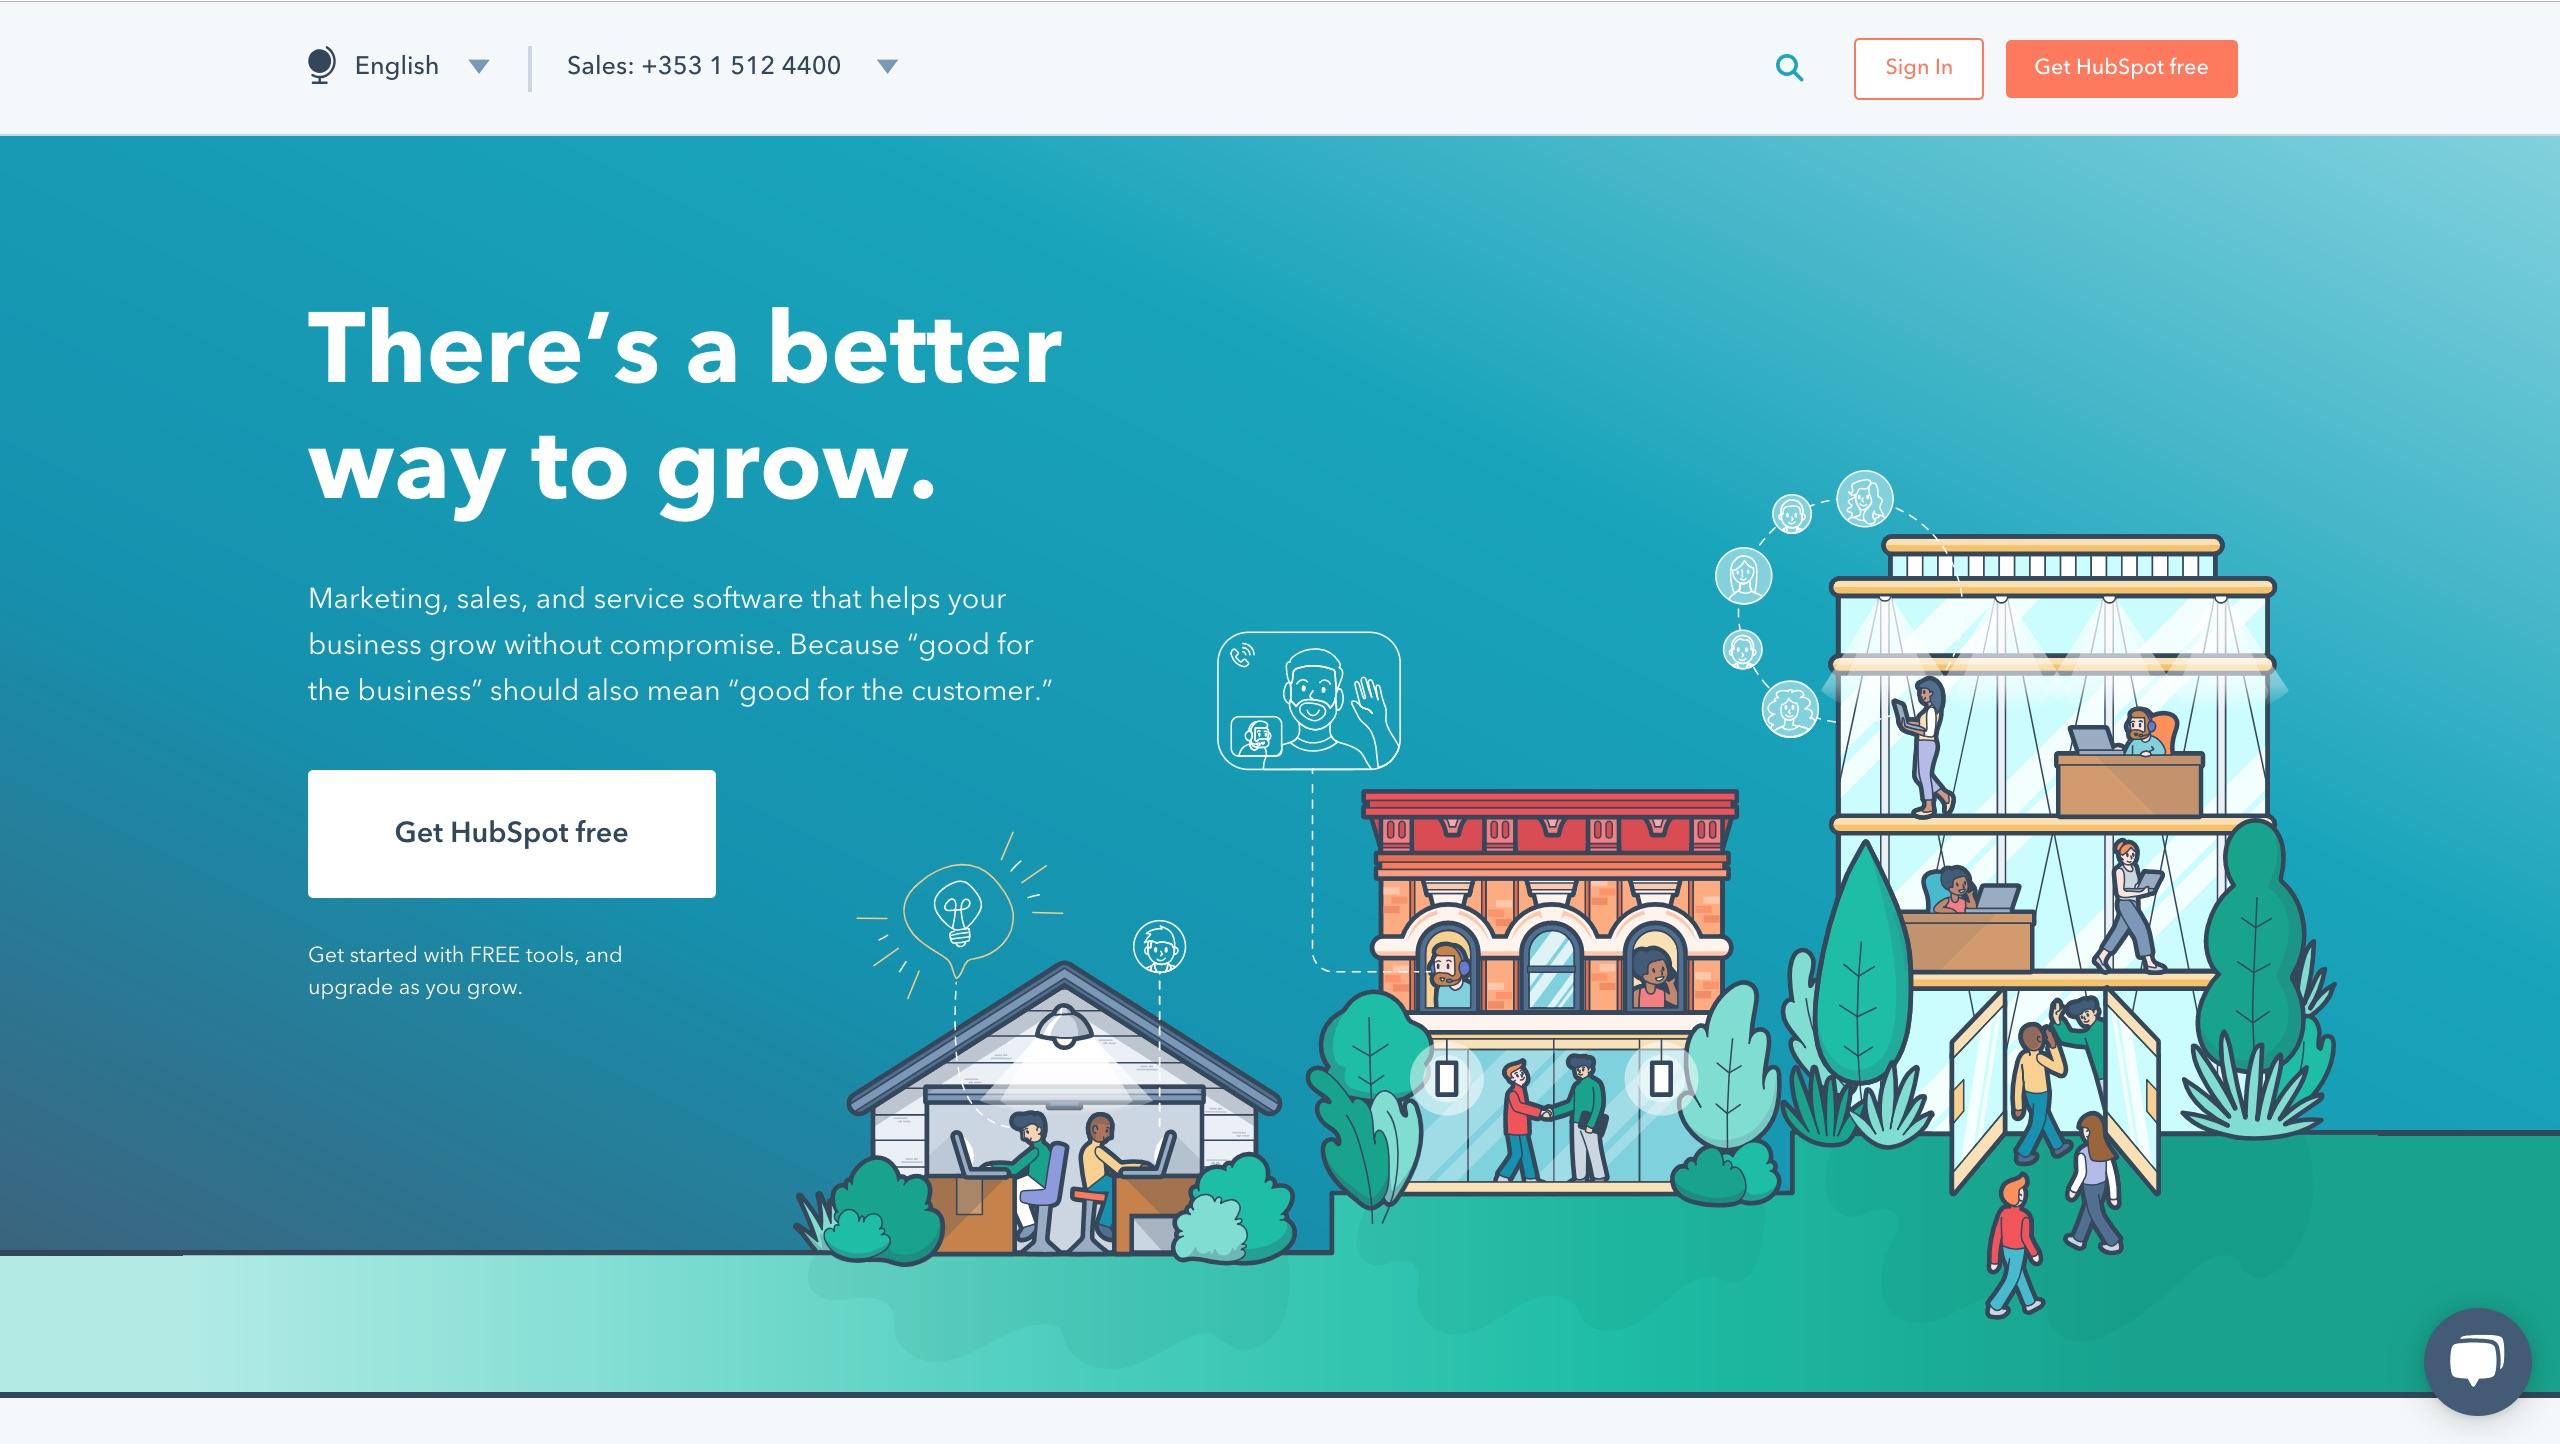 ساختار صفحه اصلی سایت و نکاتی در طراحی آن